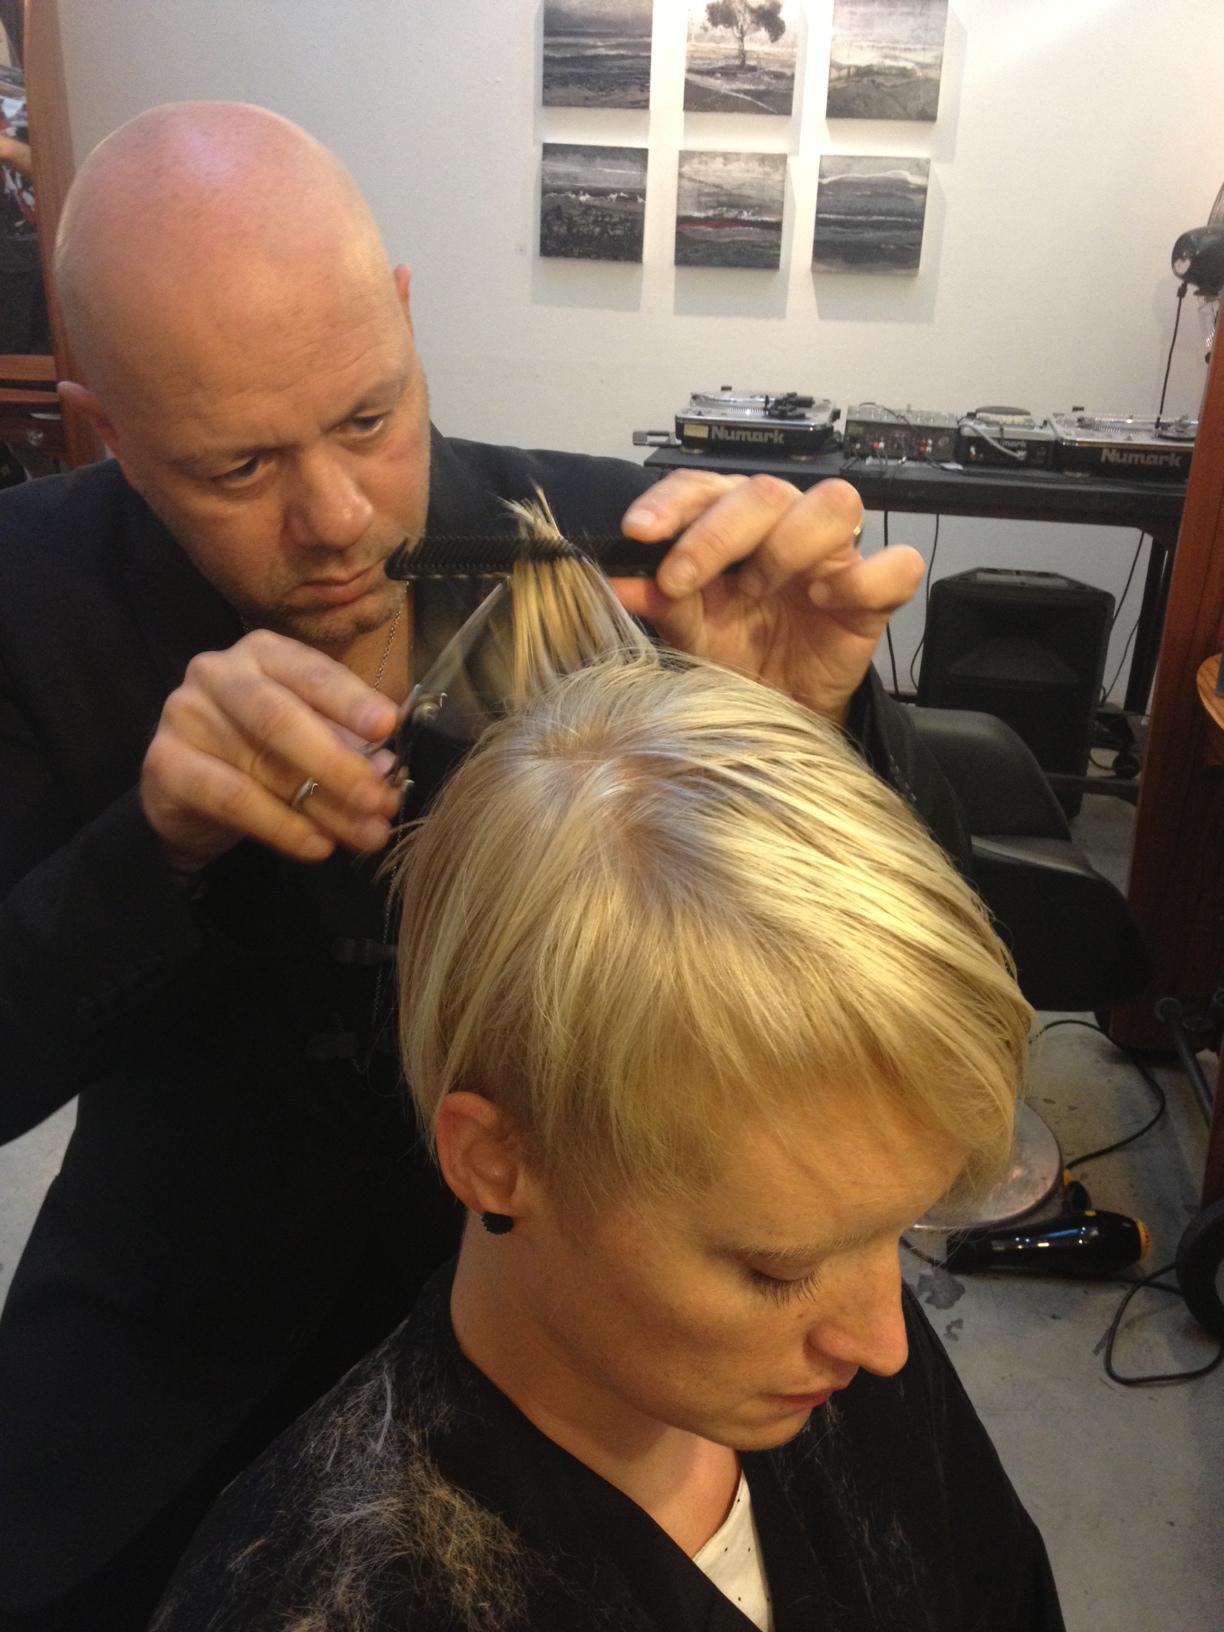 Une coupe de cheveux chez medley meilleur coiffeur a test - Salon de coiffure qui recherche apprenti cap ...